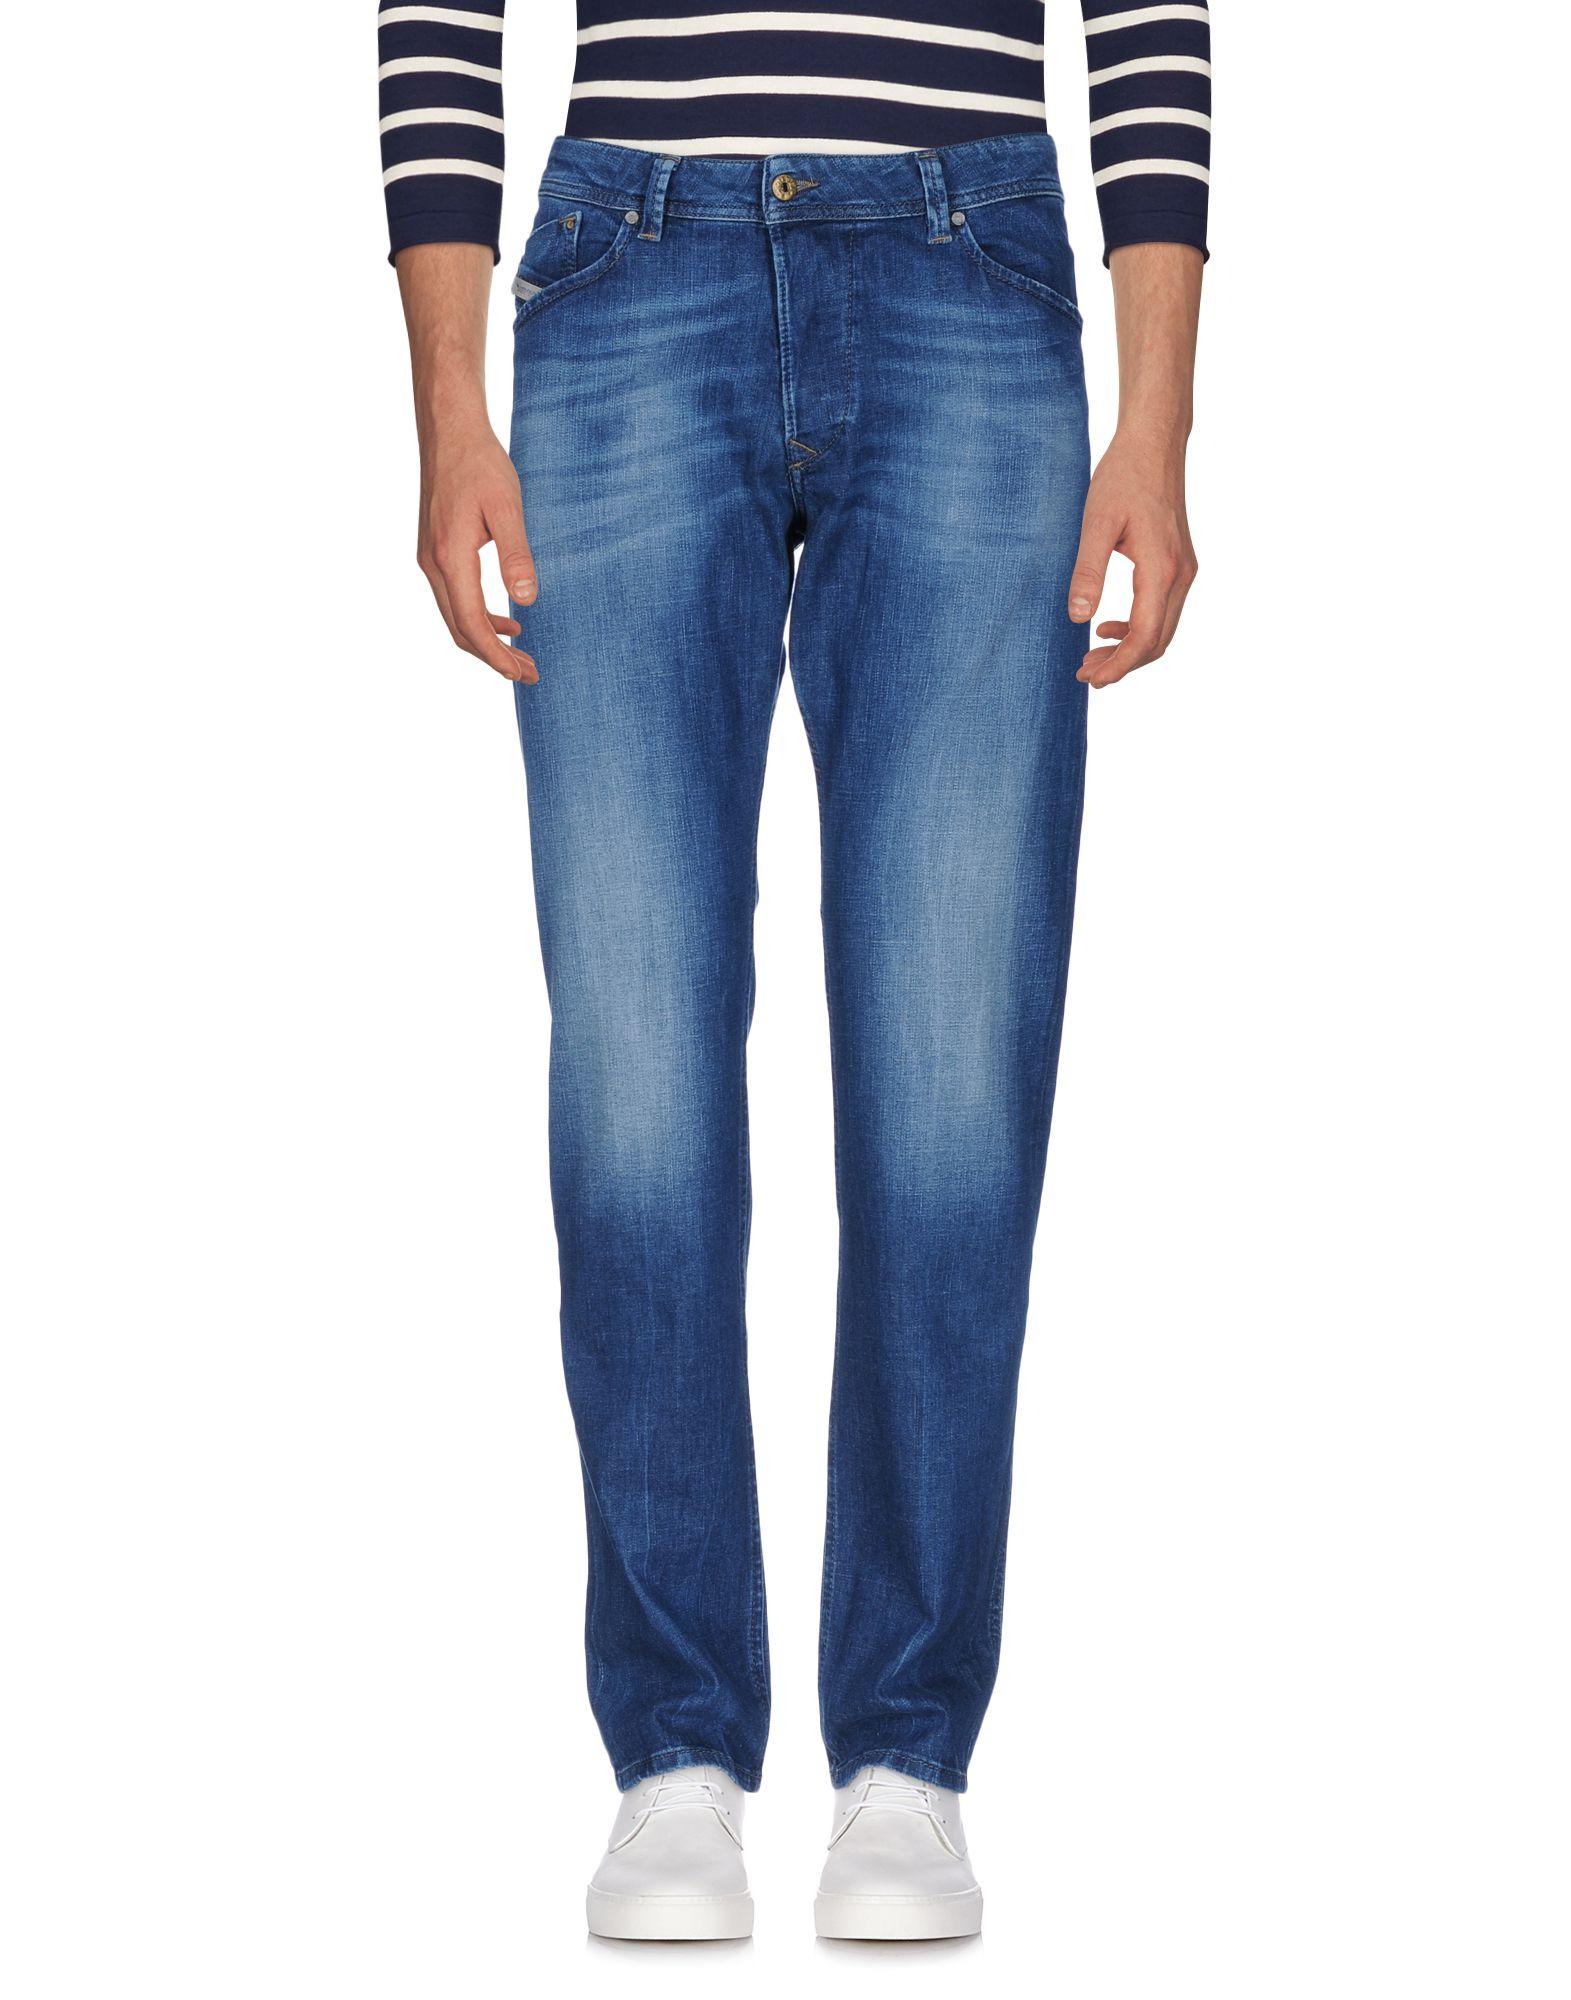 картинки про джинсовые брюки этот напоминает, что